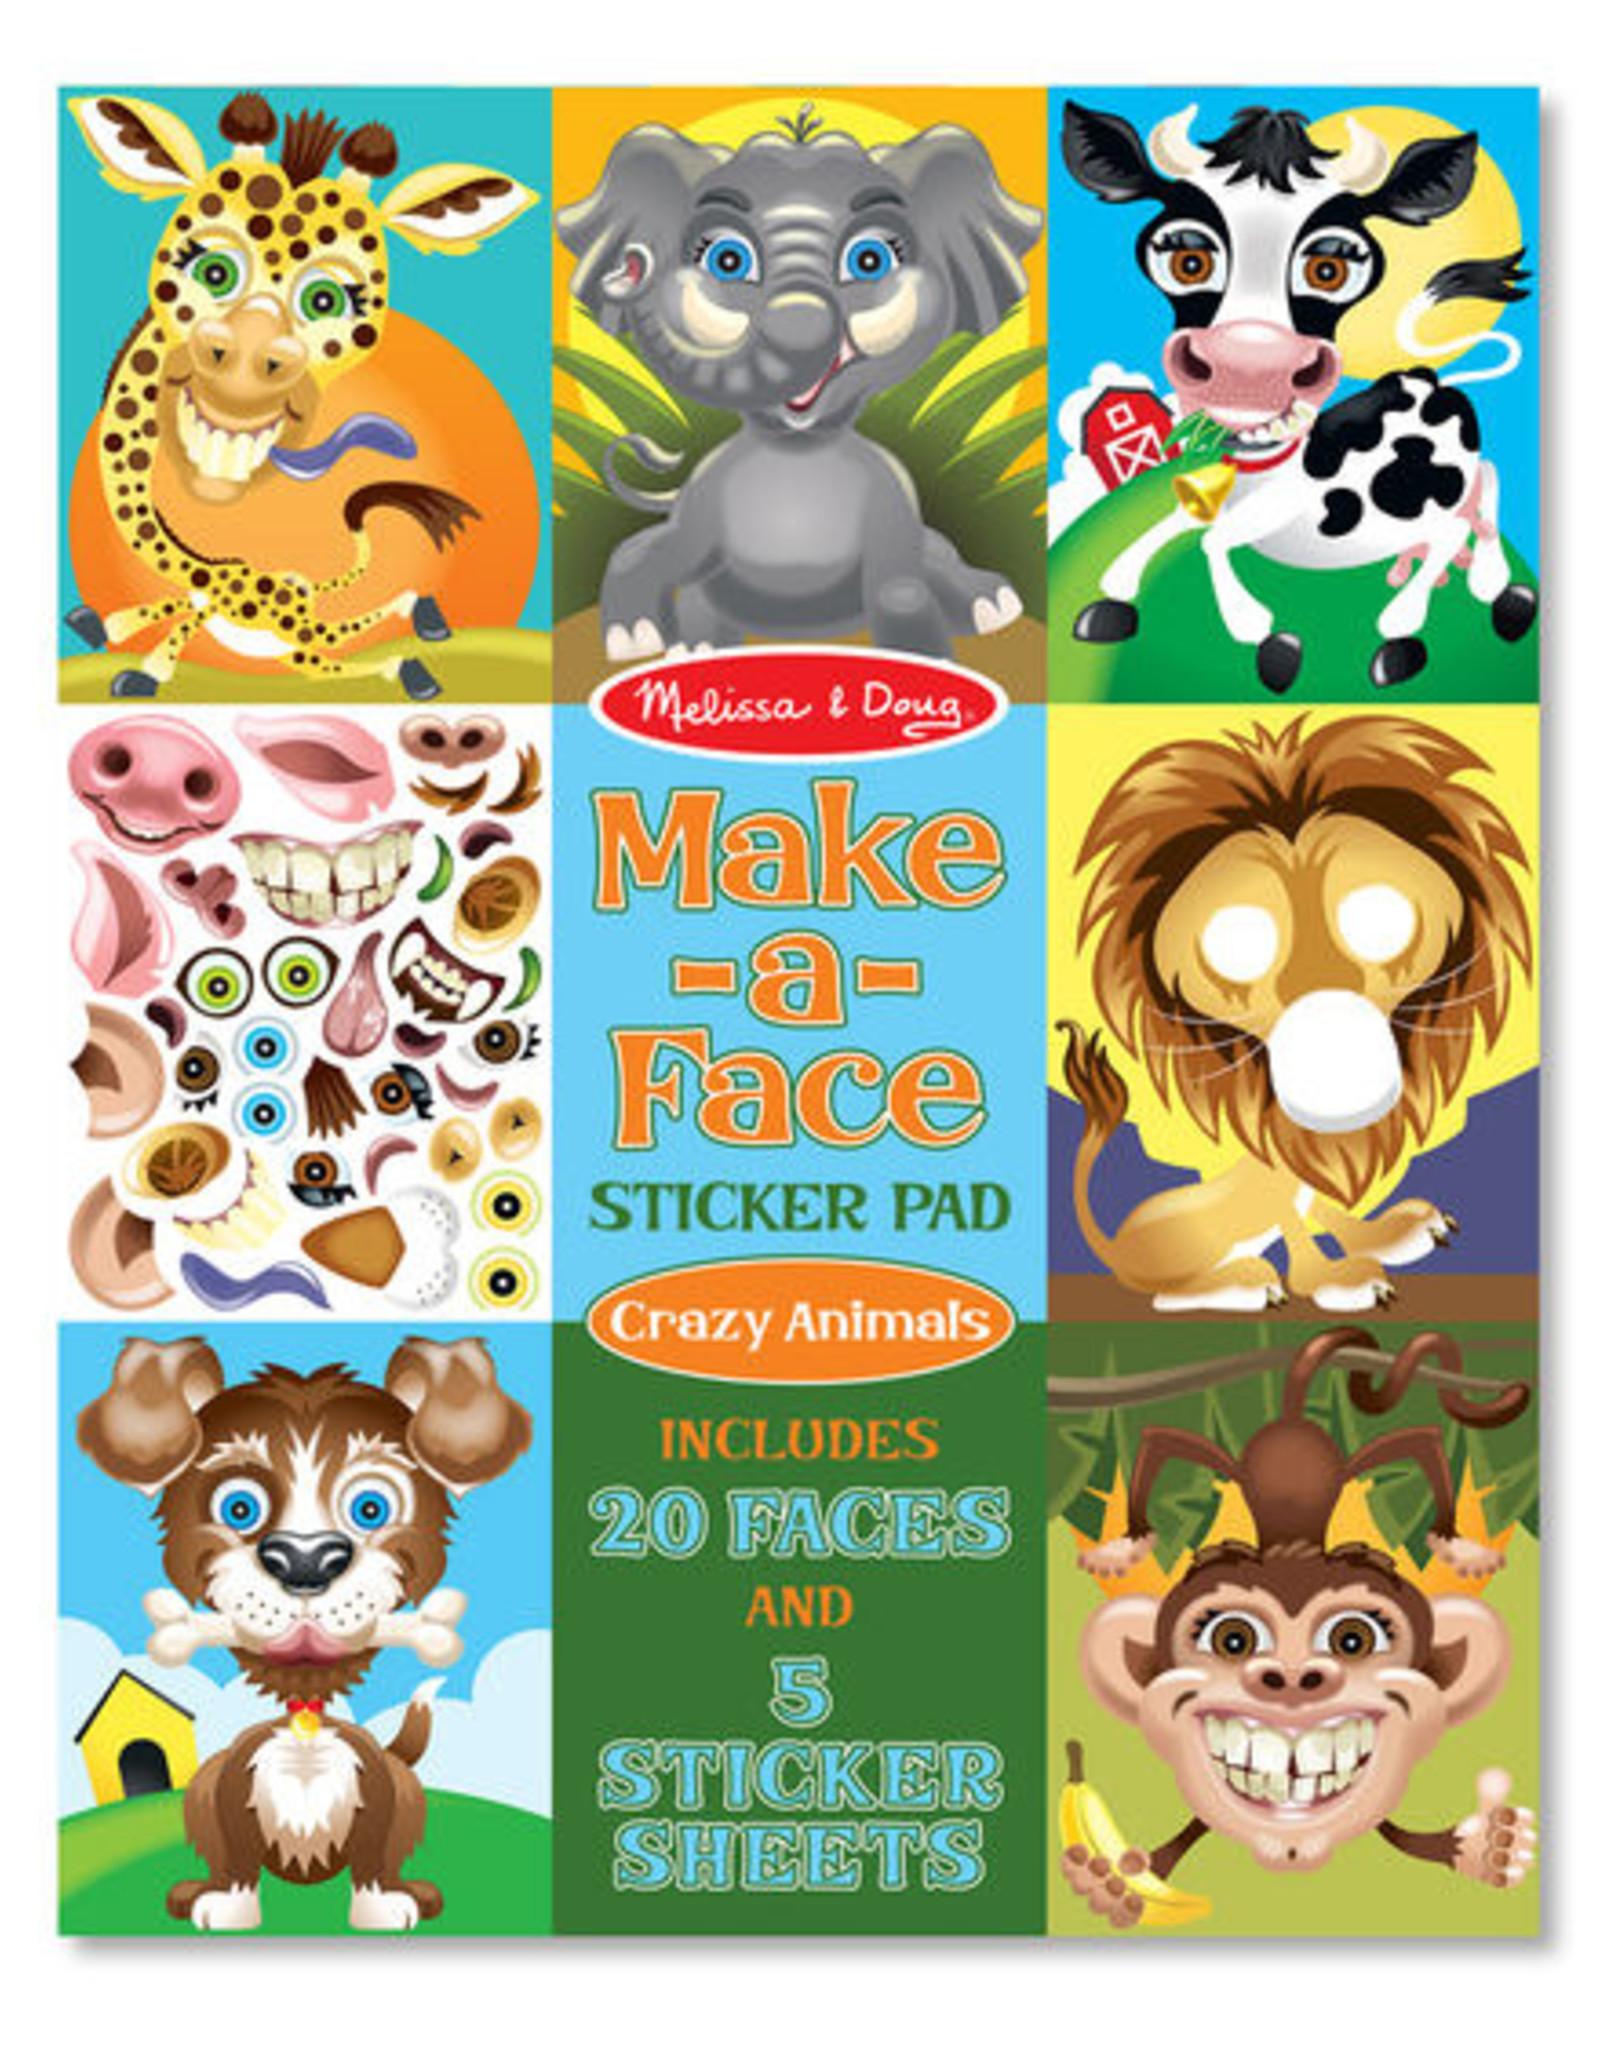 Make-a-Face Crazy Animals